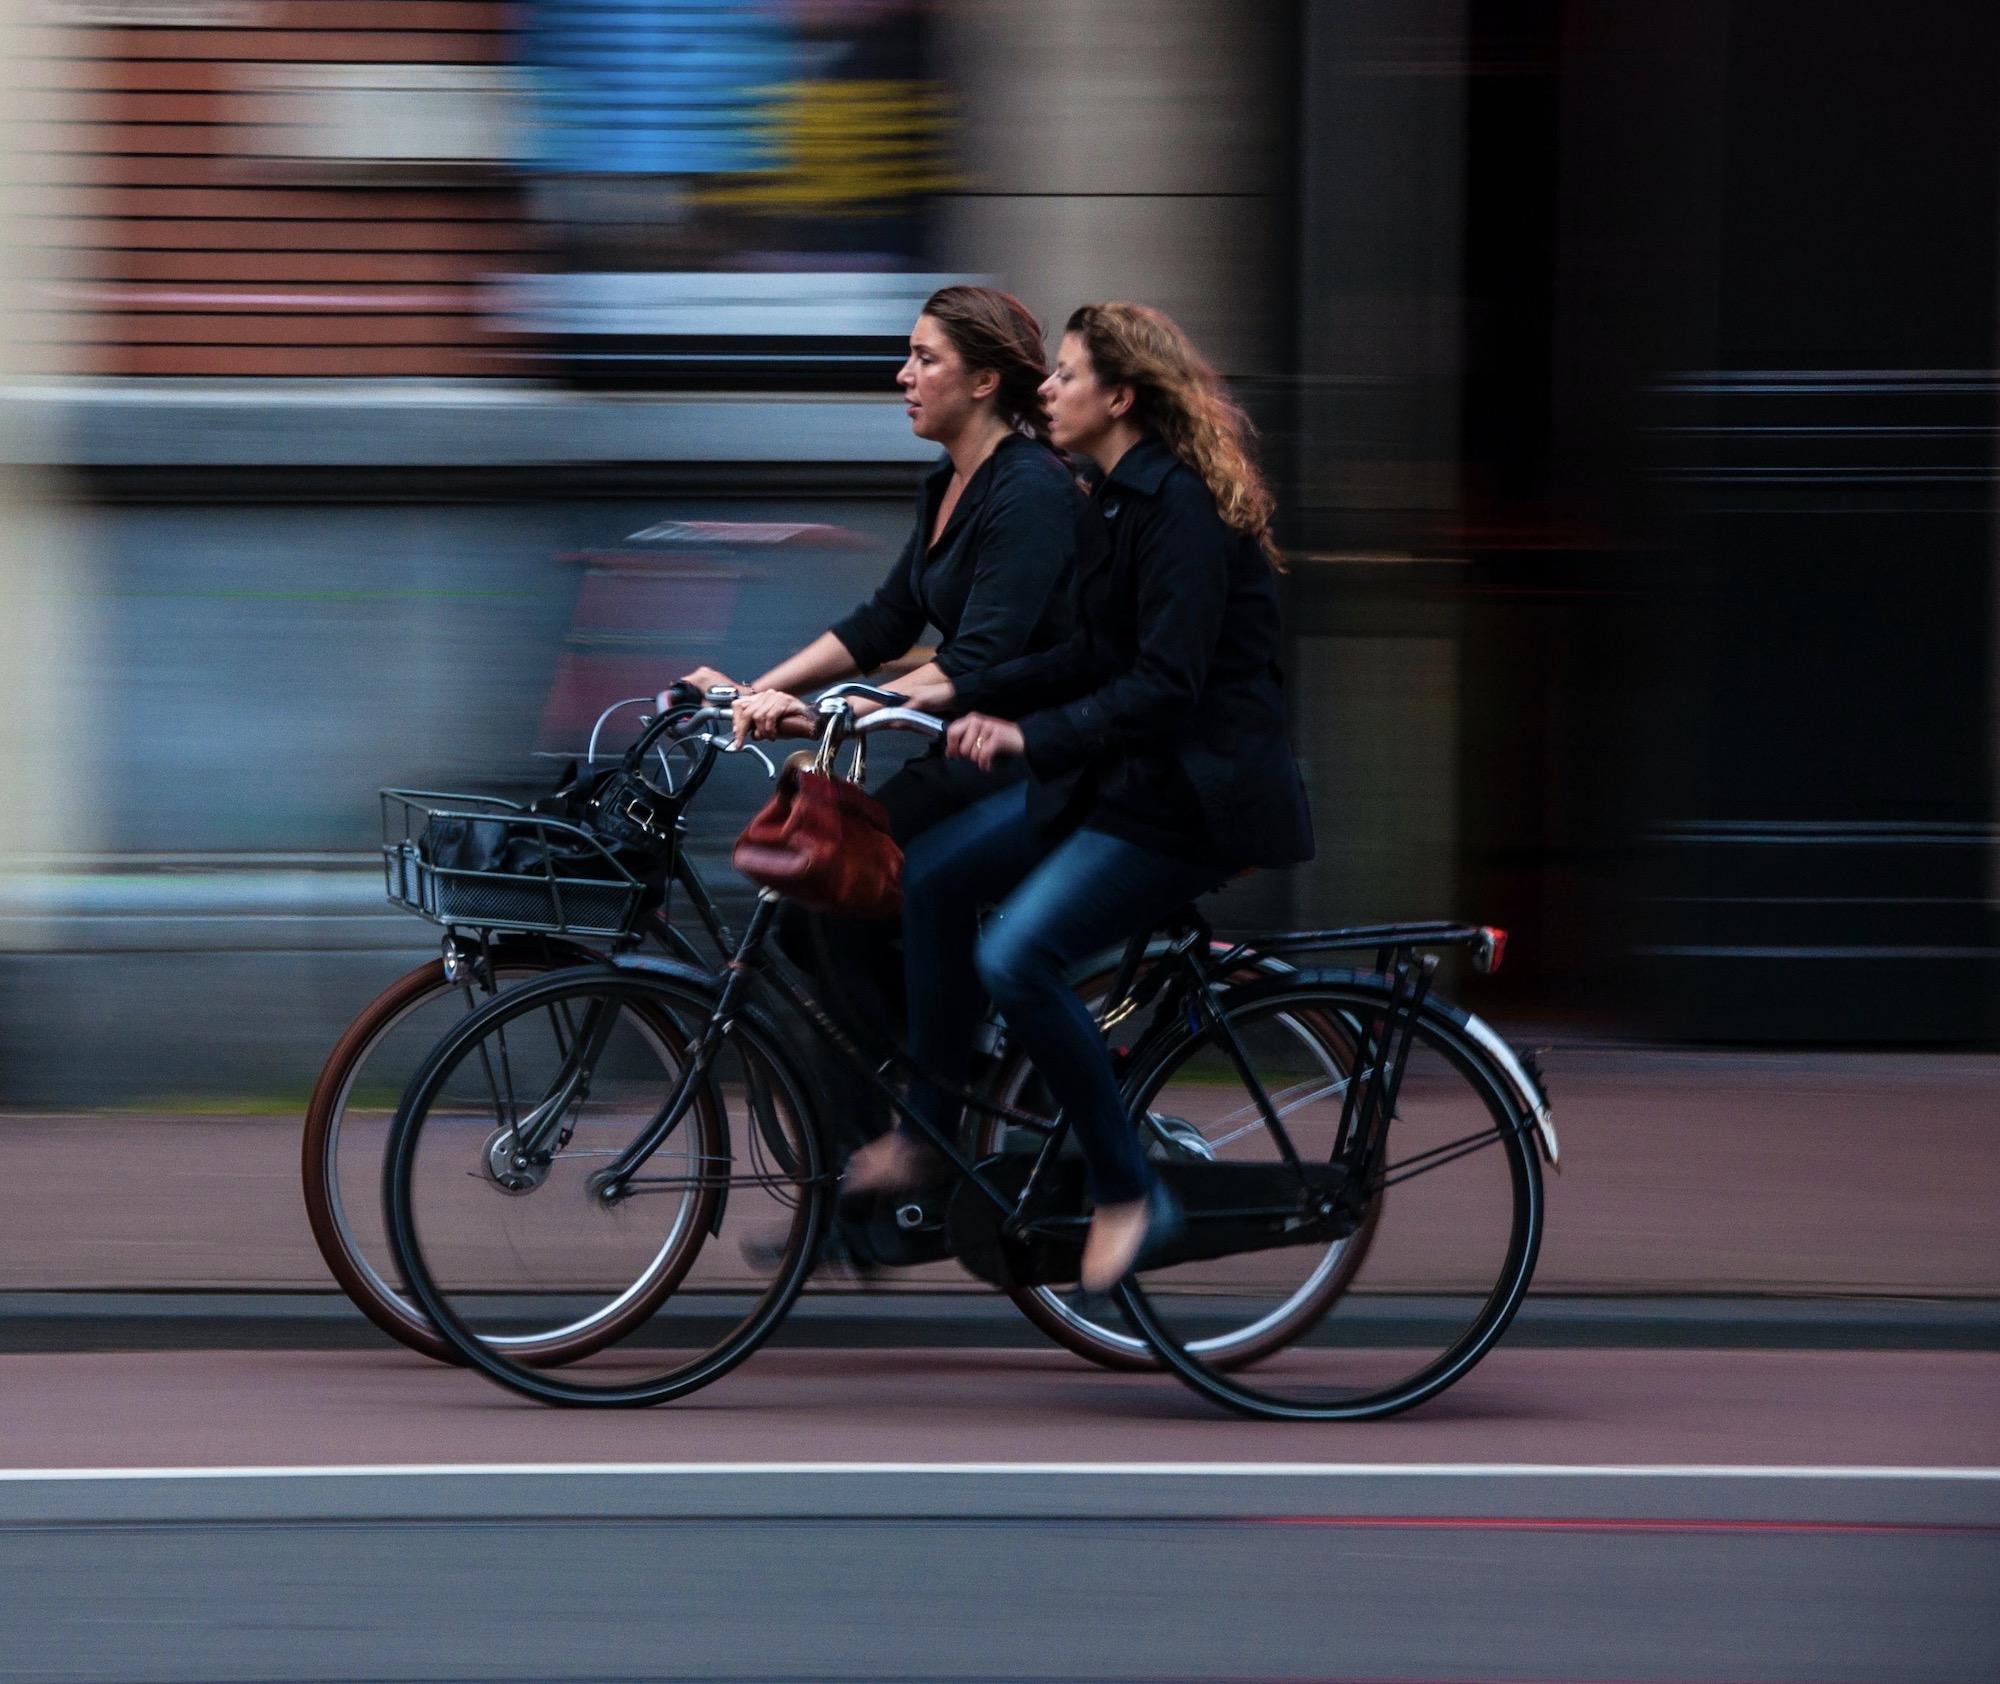 port du masque plus obligatoire pour les coureurs ni pour les cyclistes